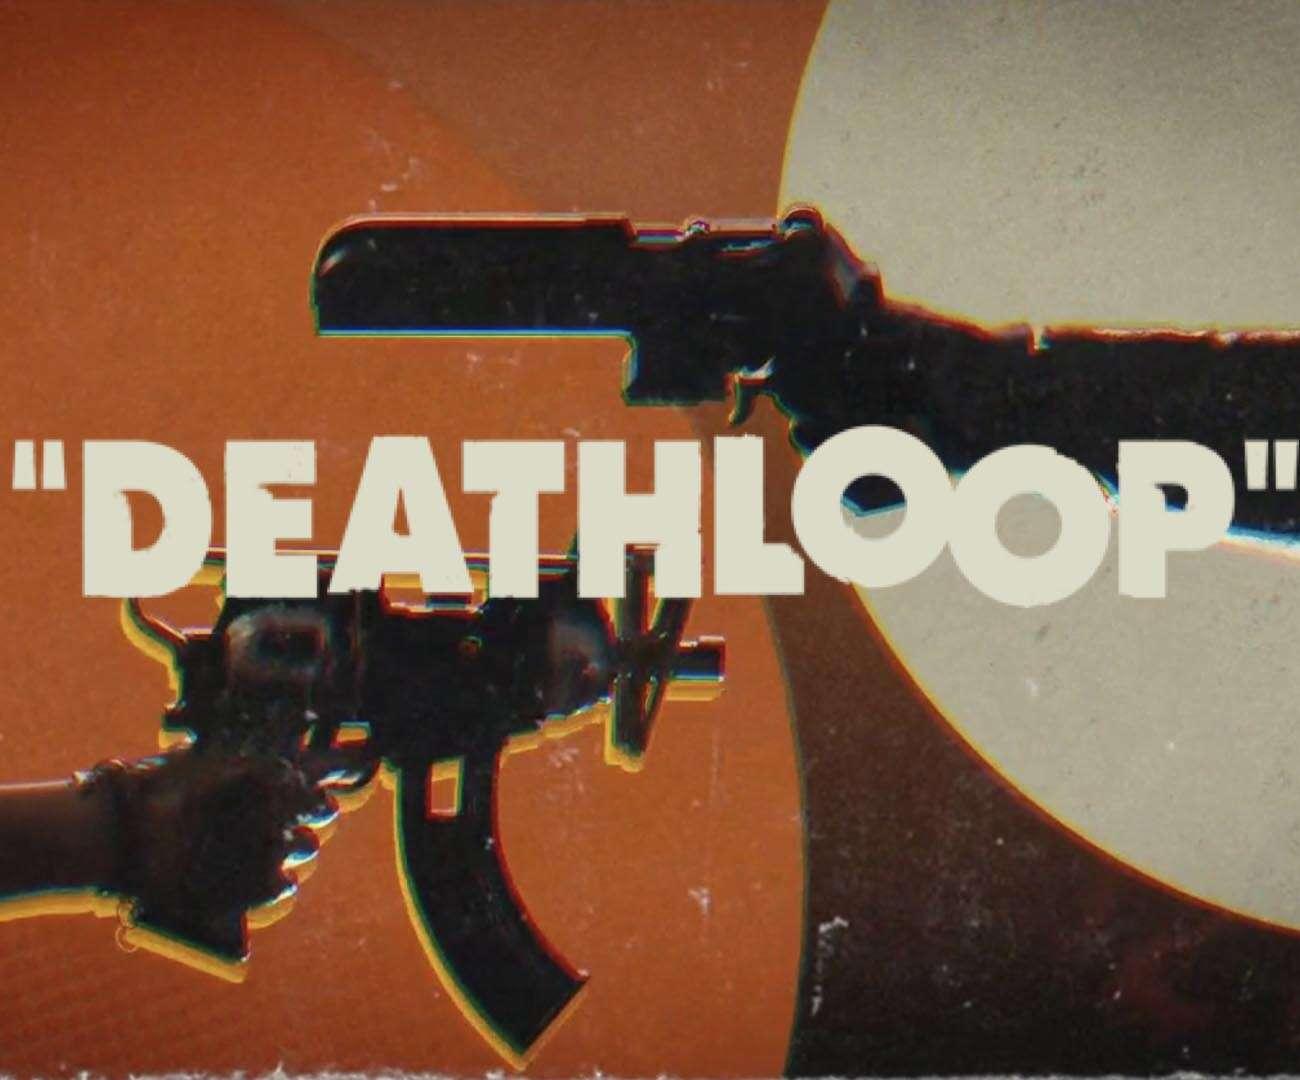 Nowy, króciutki gameplay Deathloop to coś, co chcecie zobaczyć